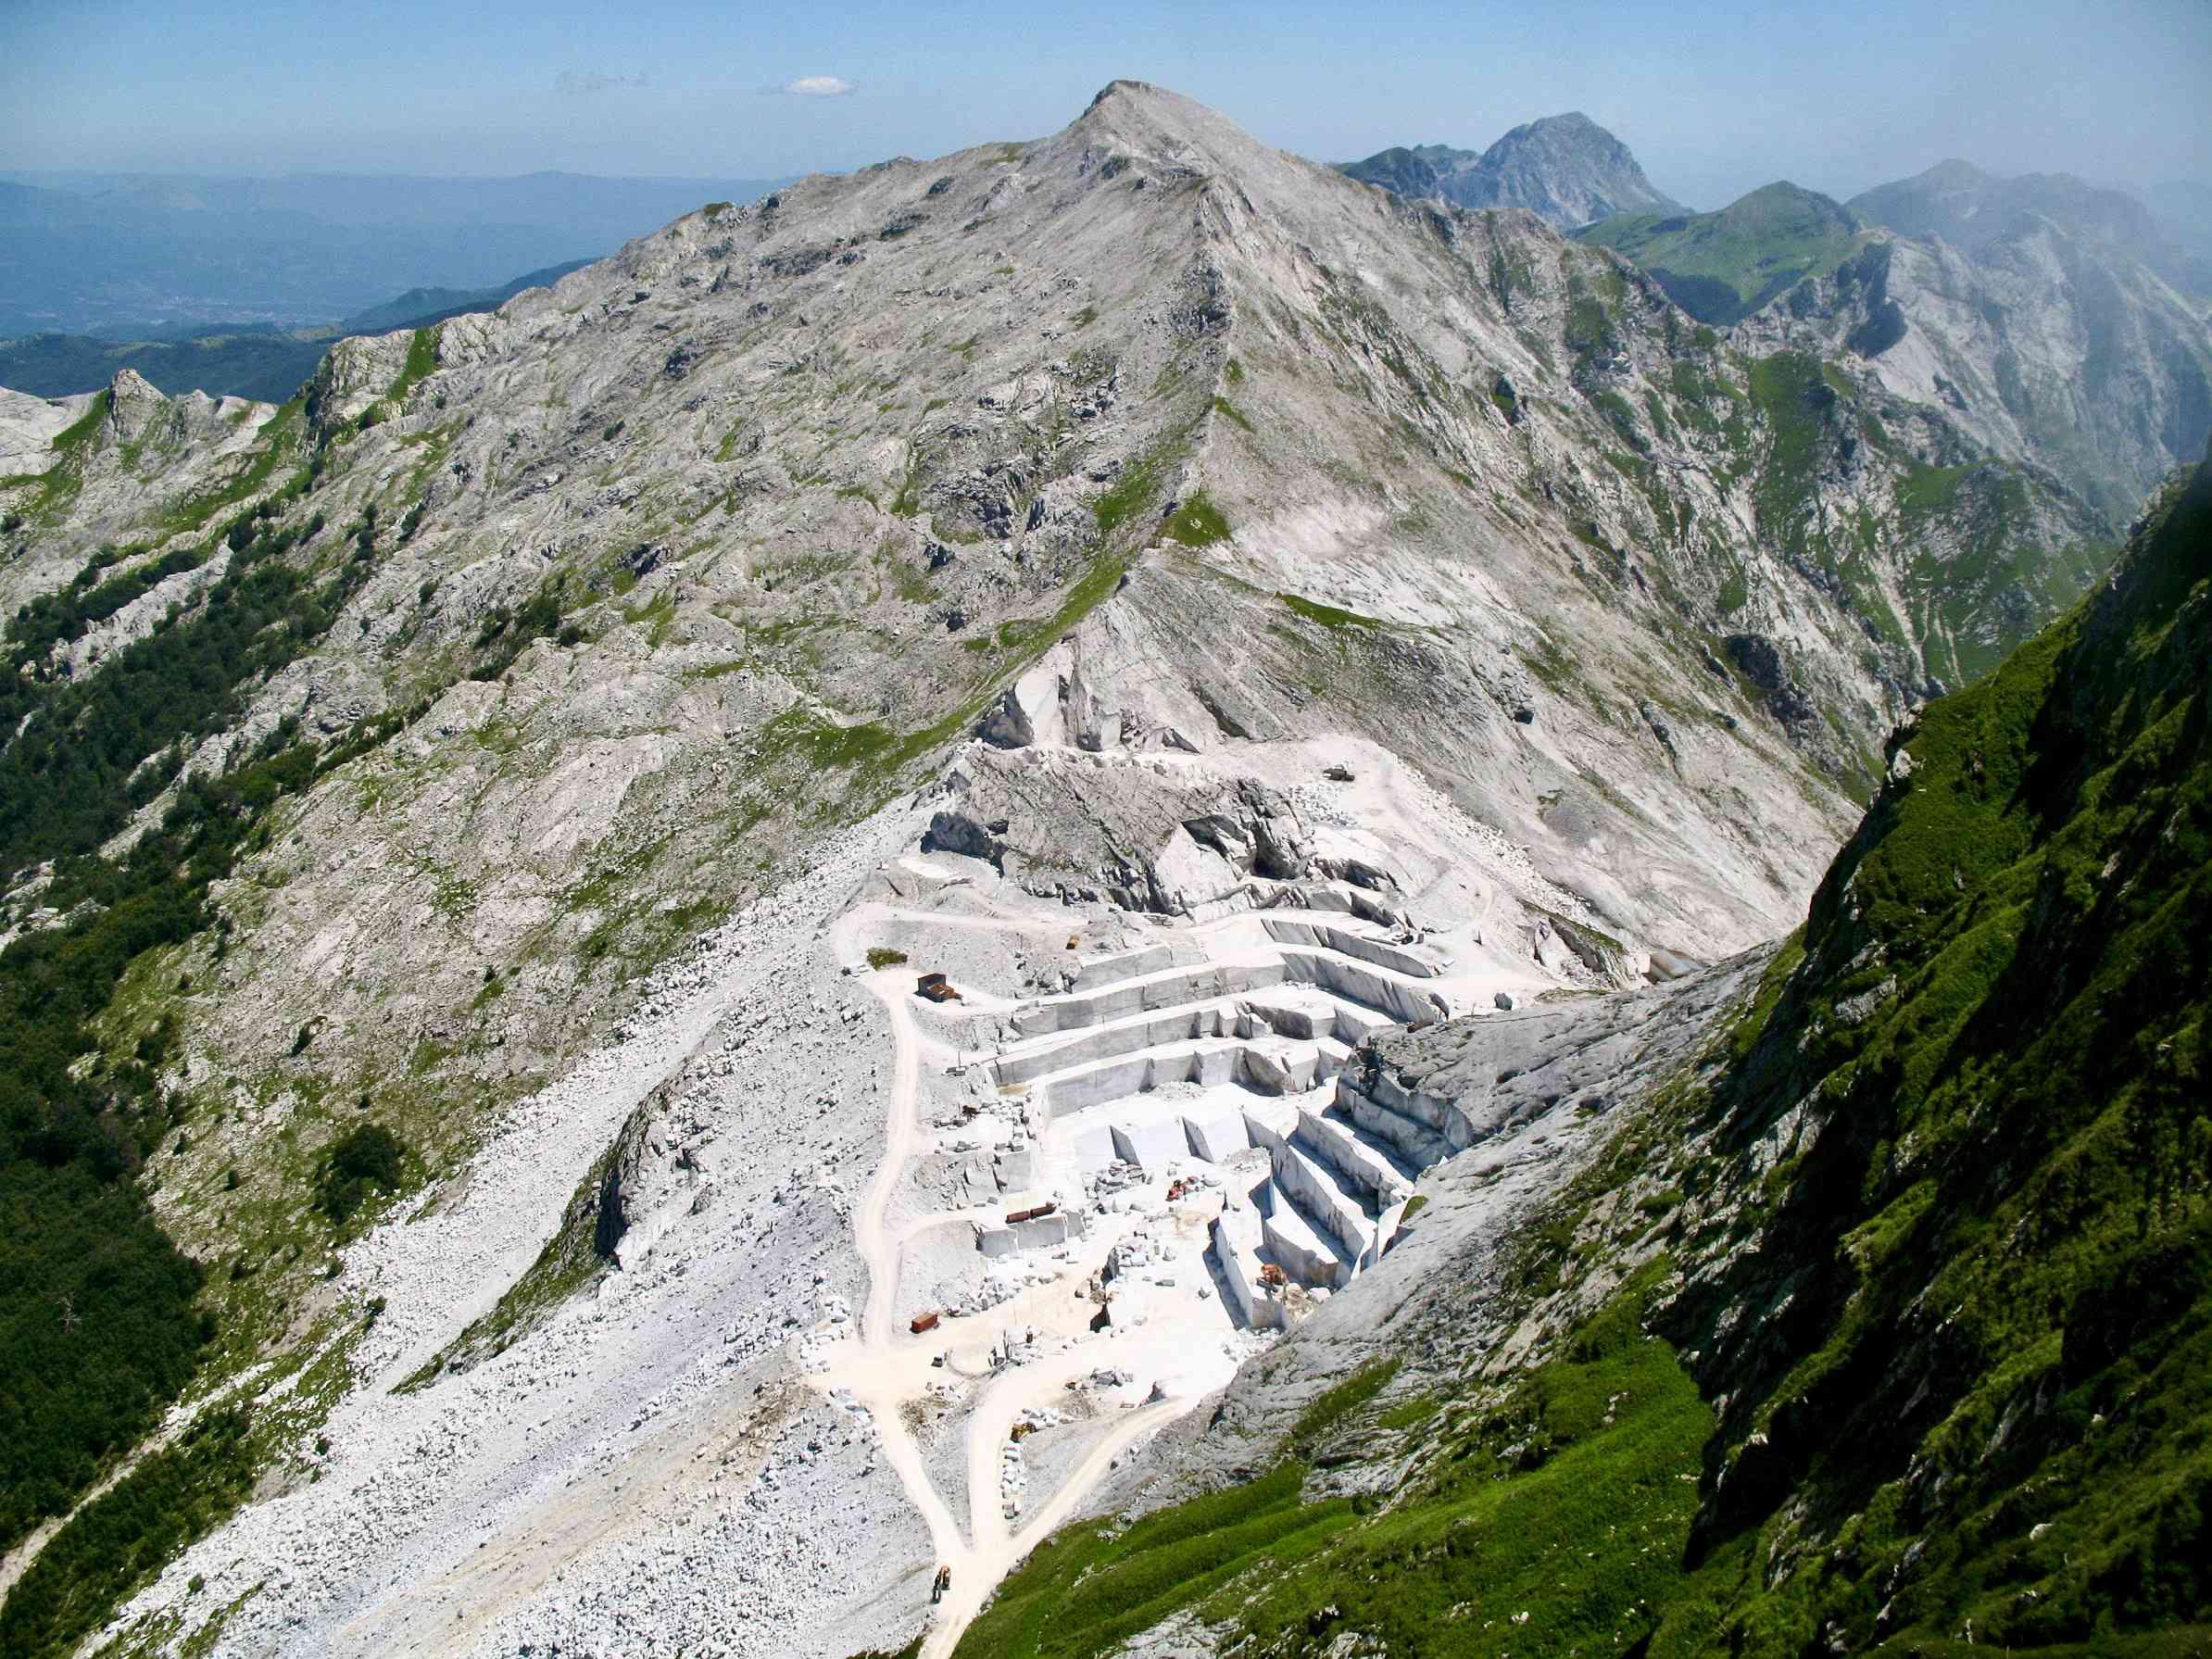 Un'inquadratura lunga della miniera di Monte Cavallo